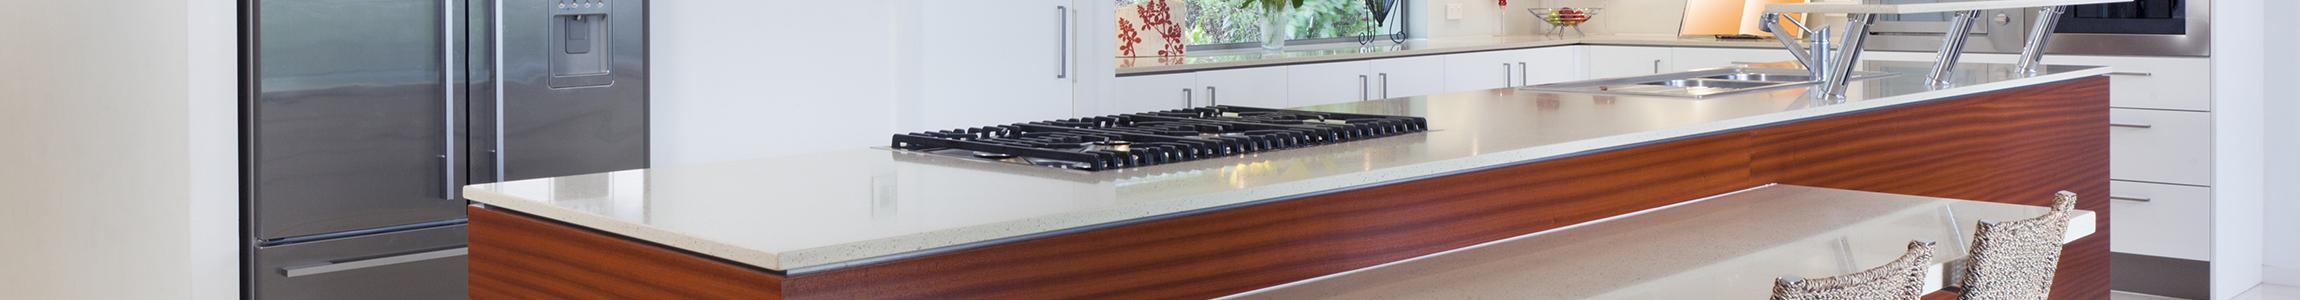 Residential; Countertop Repair and Refinish